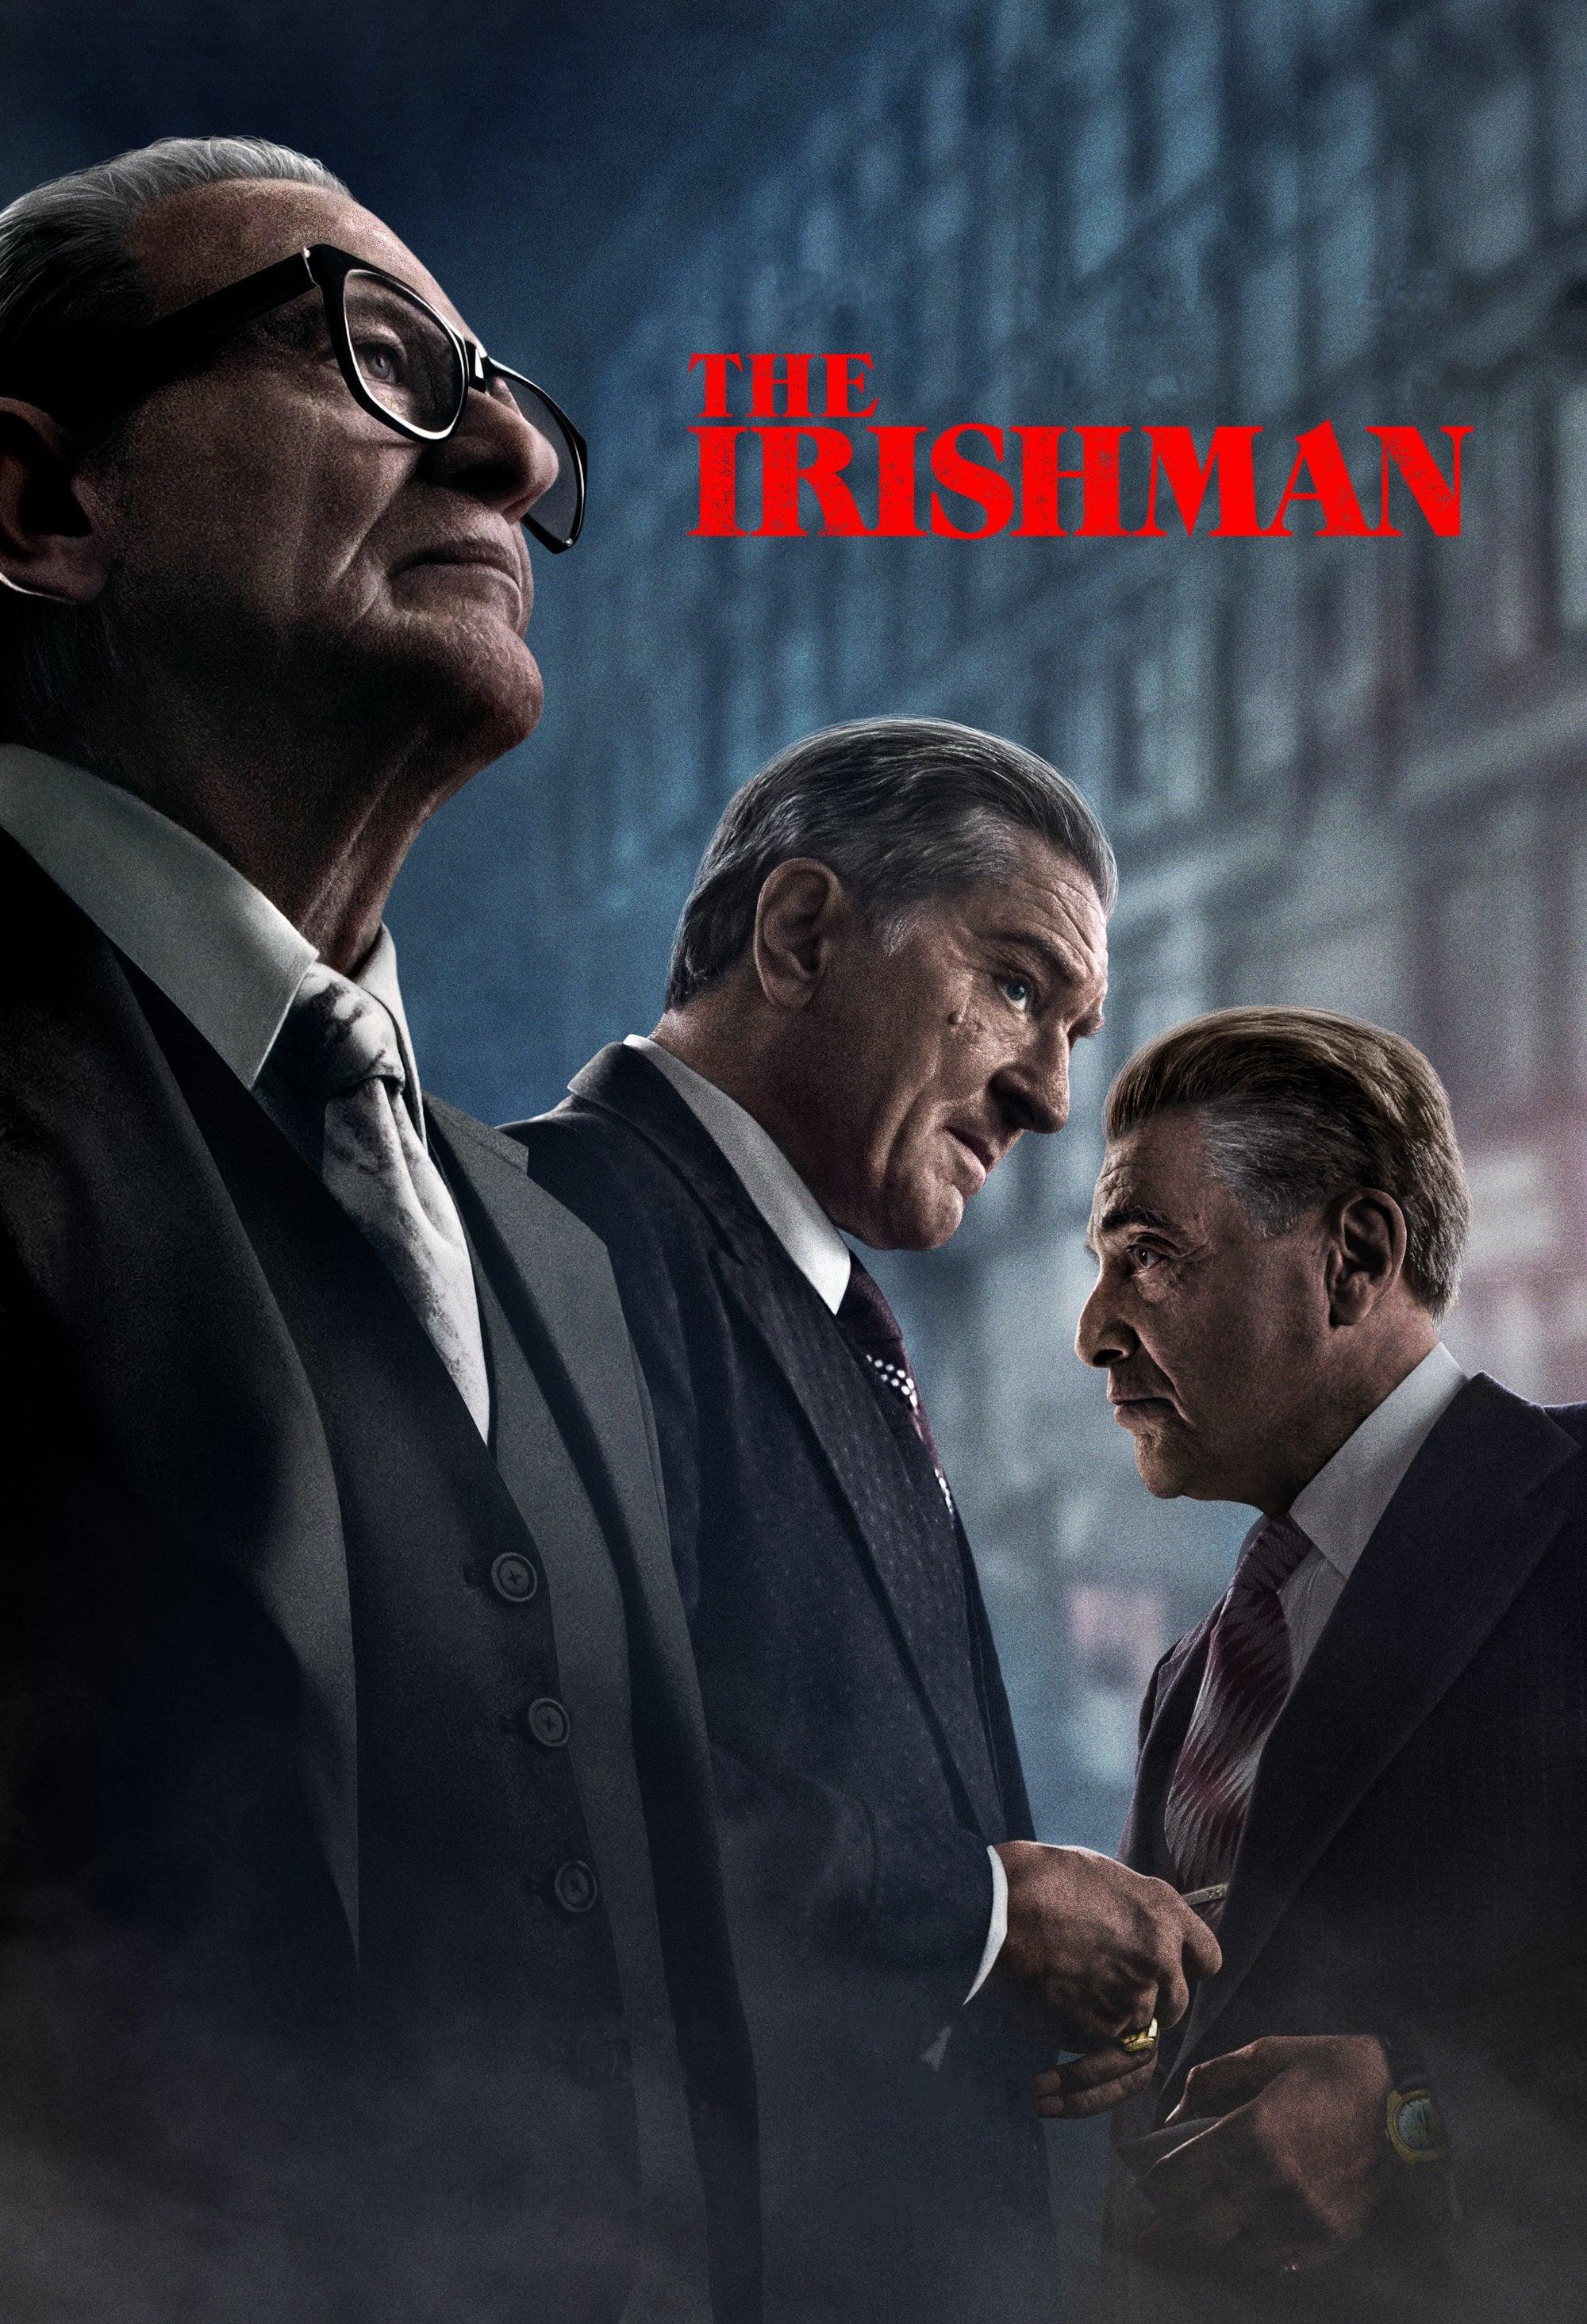 爱尔兰人 The Irishman (2019) Netflix中文字幕